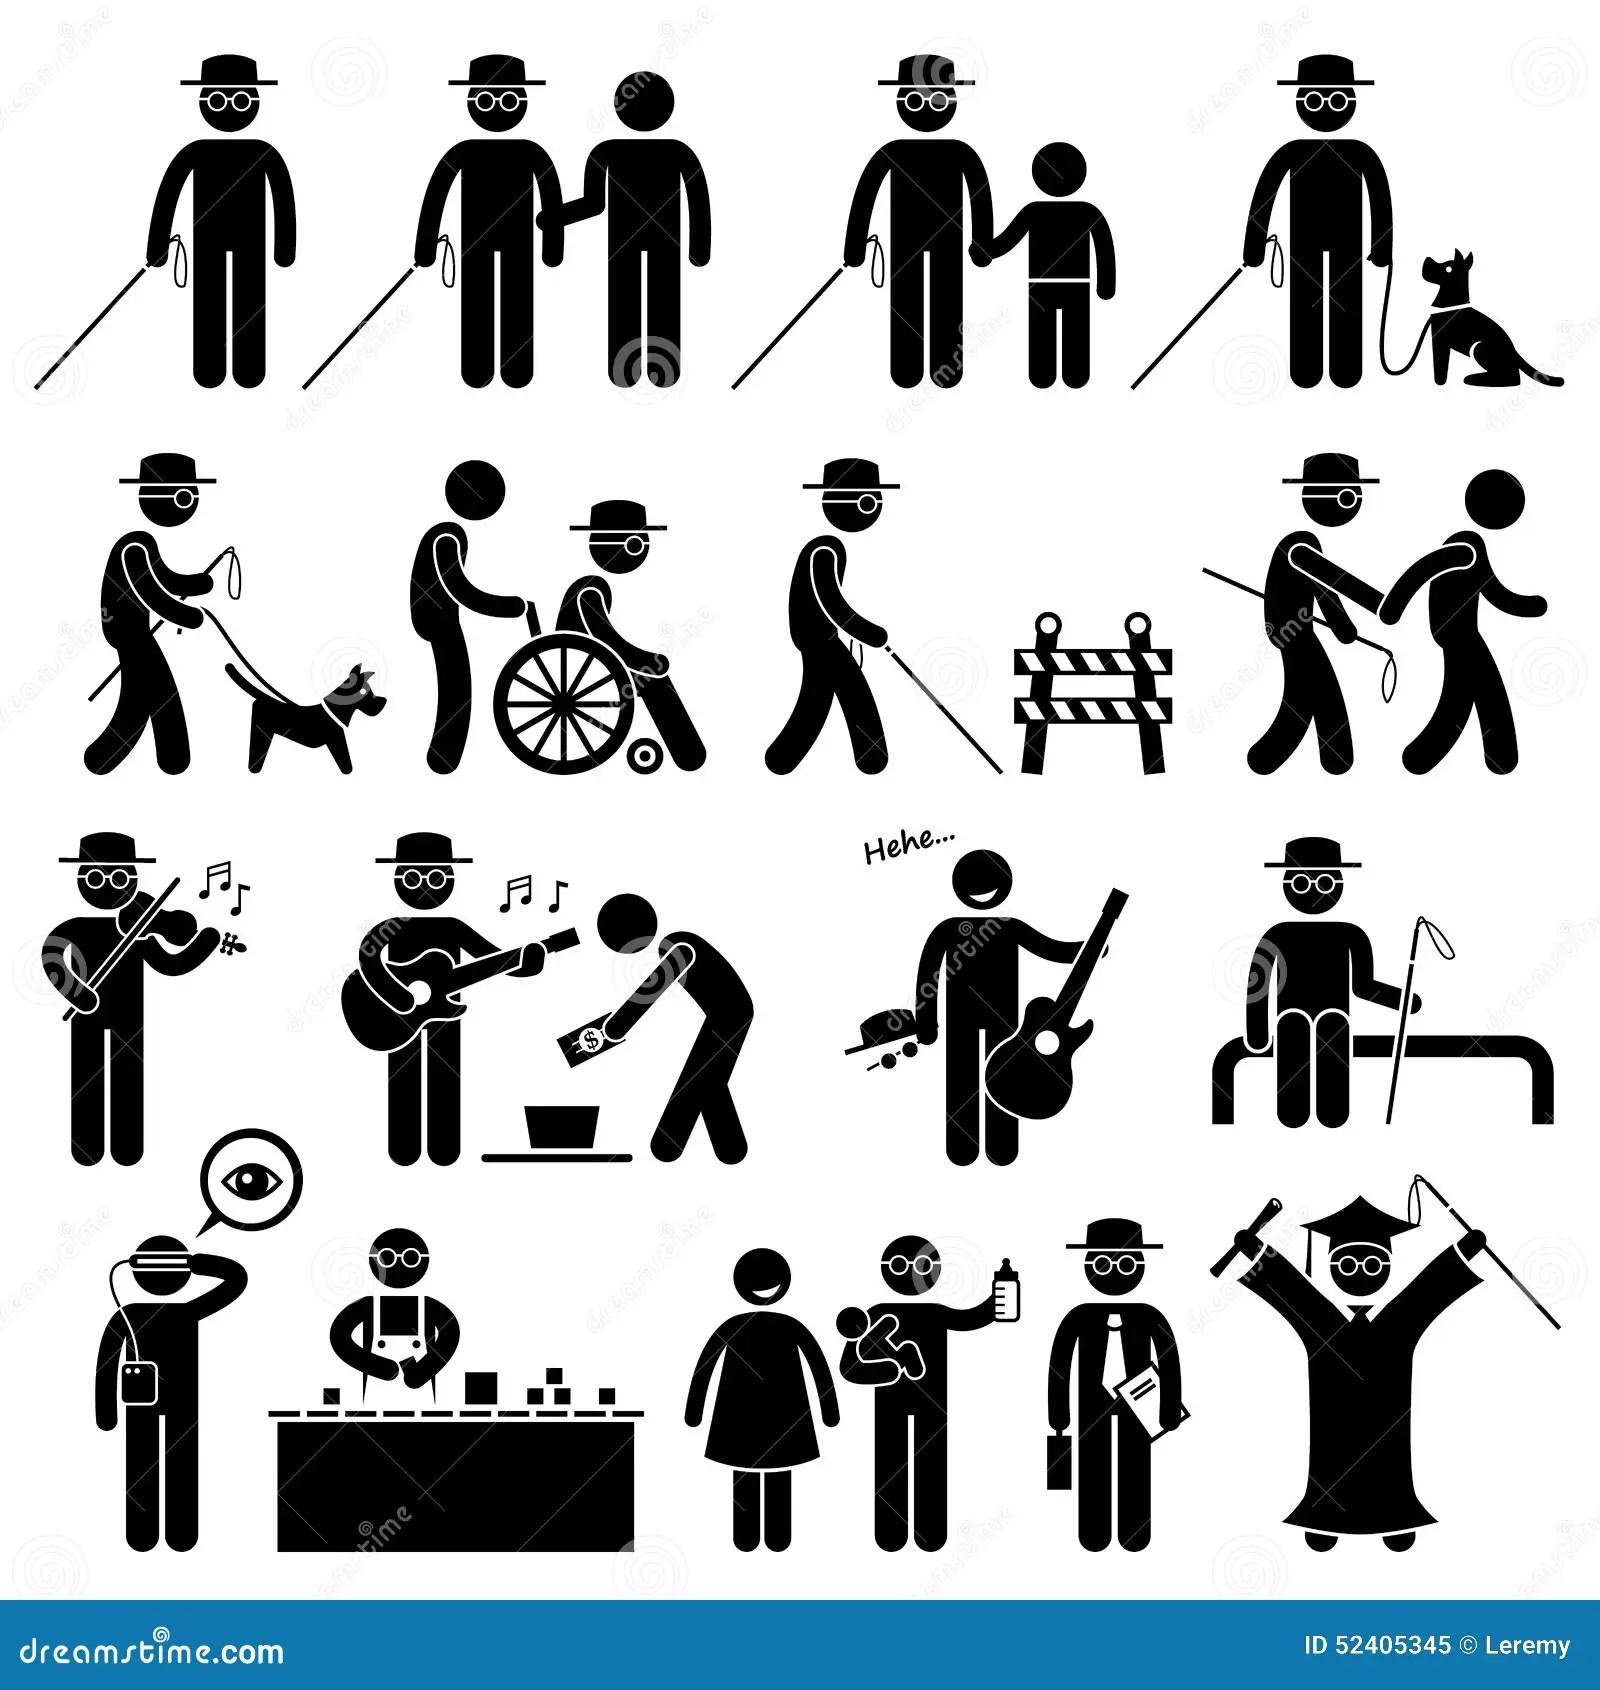 Handikapp Cliparts For Blind Man Vektor Illustrationer